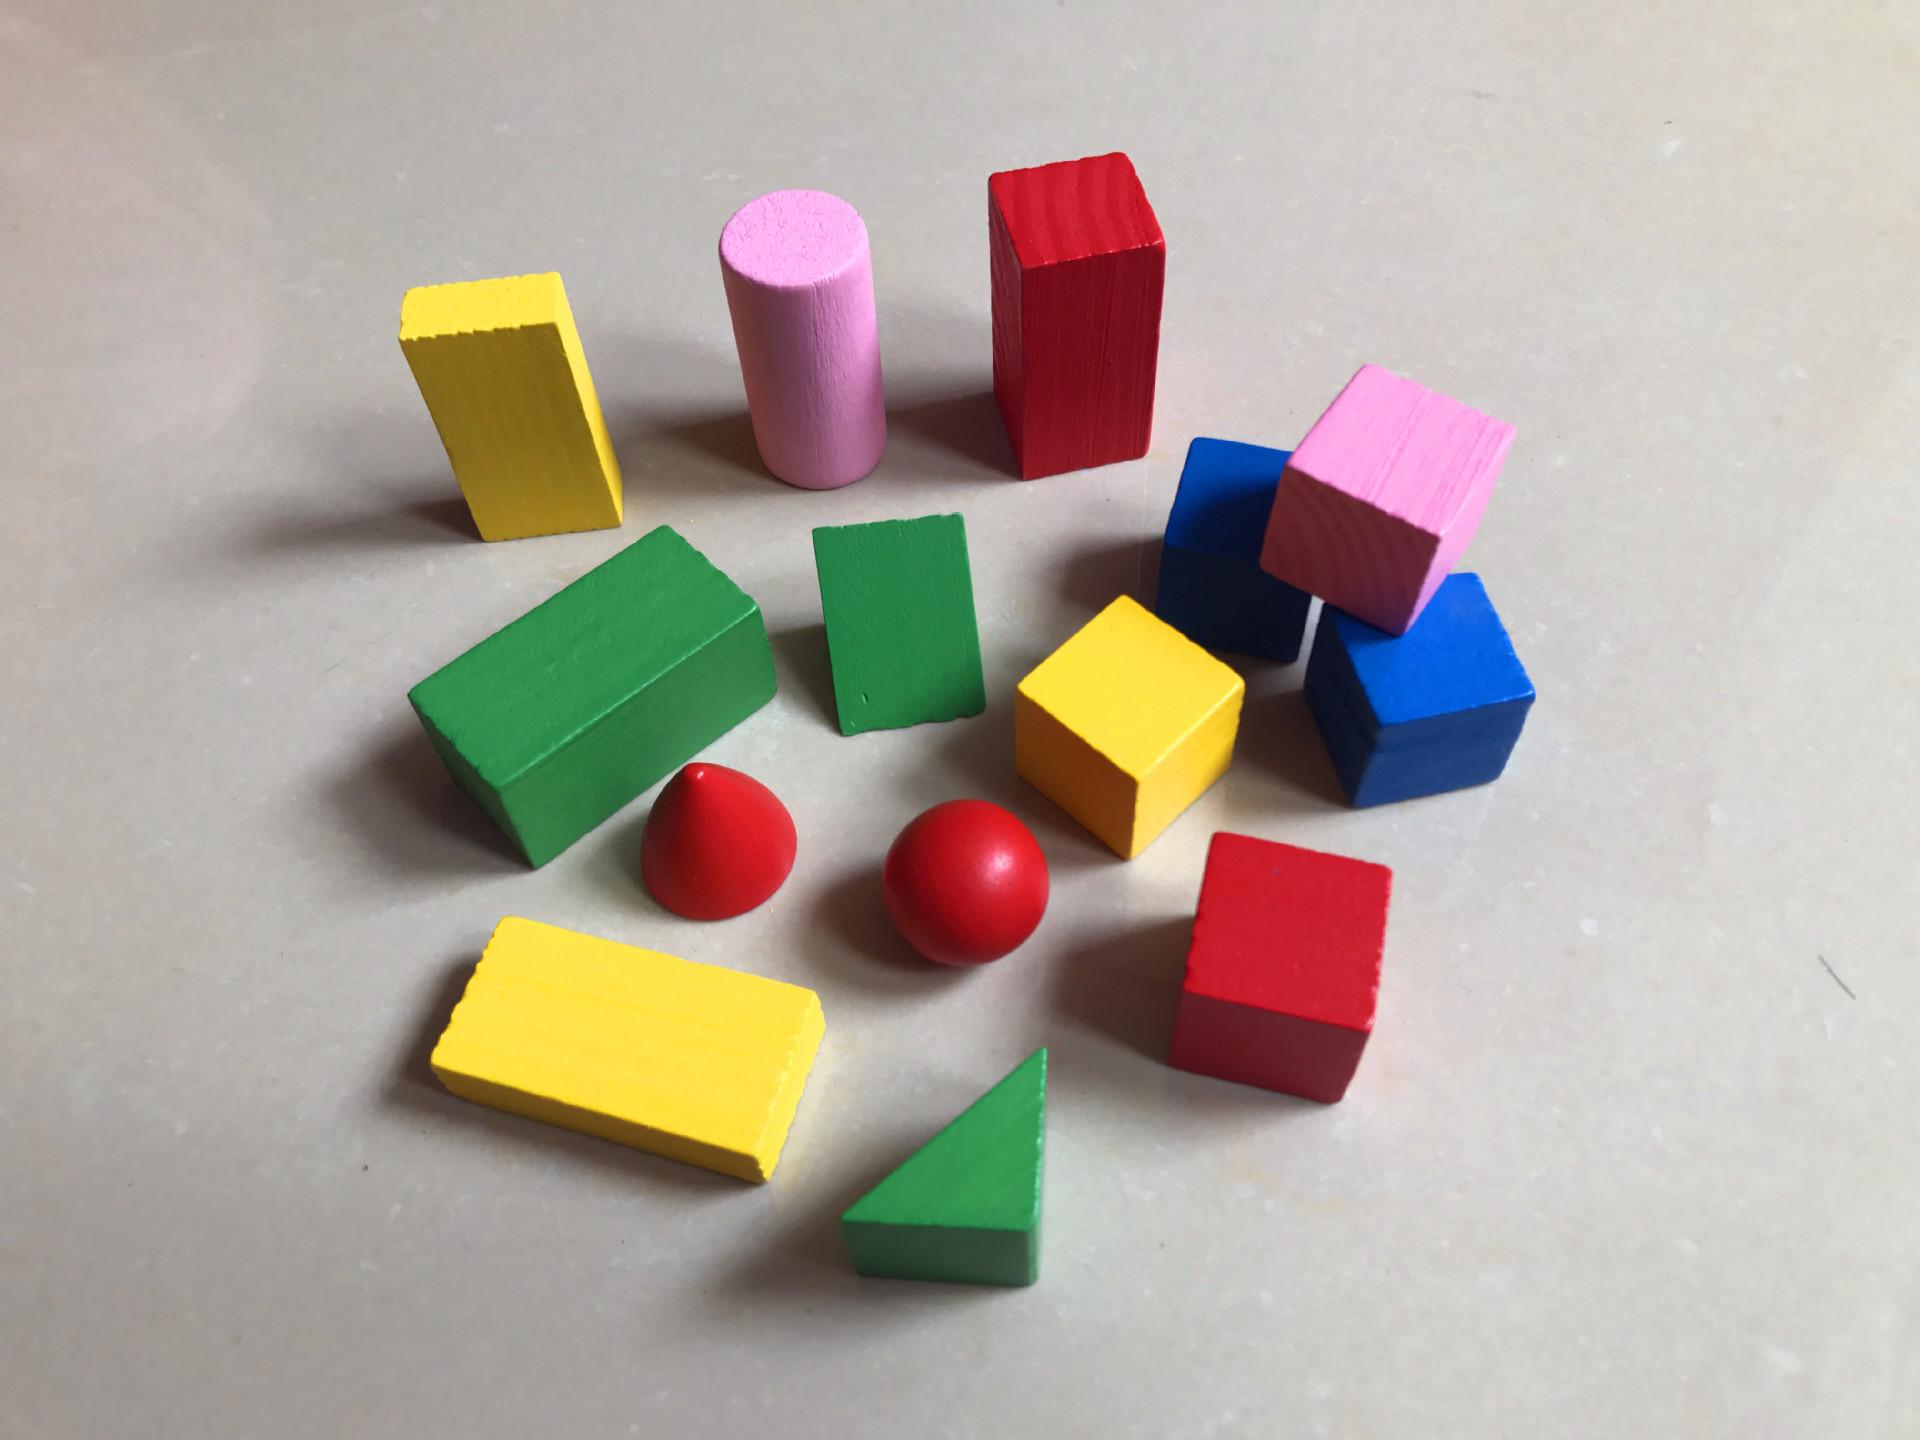 几何体积木木制彩色几何积木 木质方块厂家直销